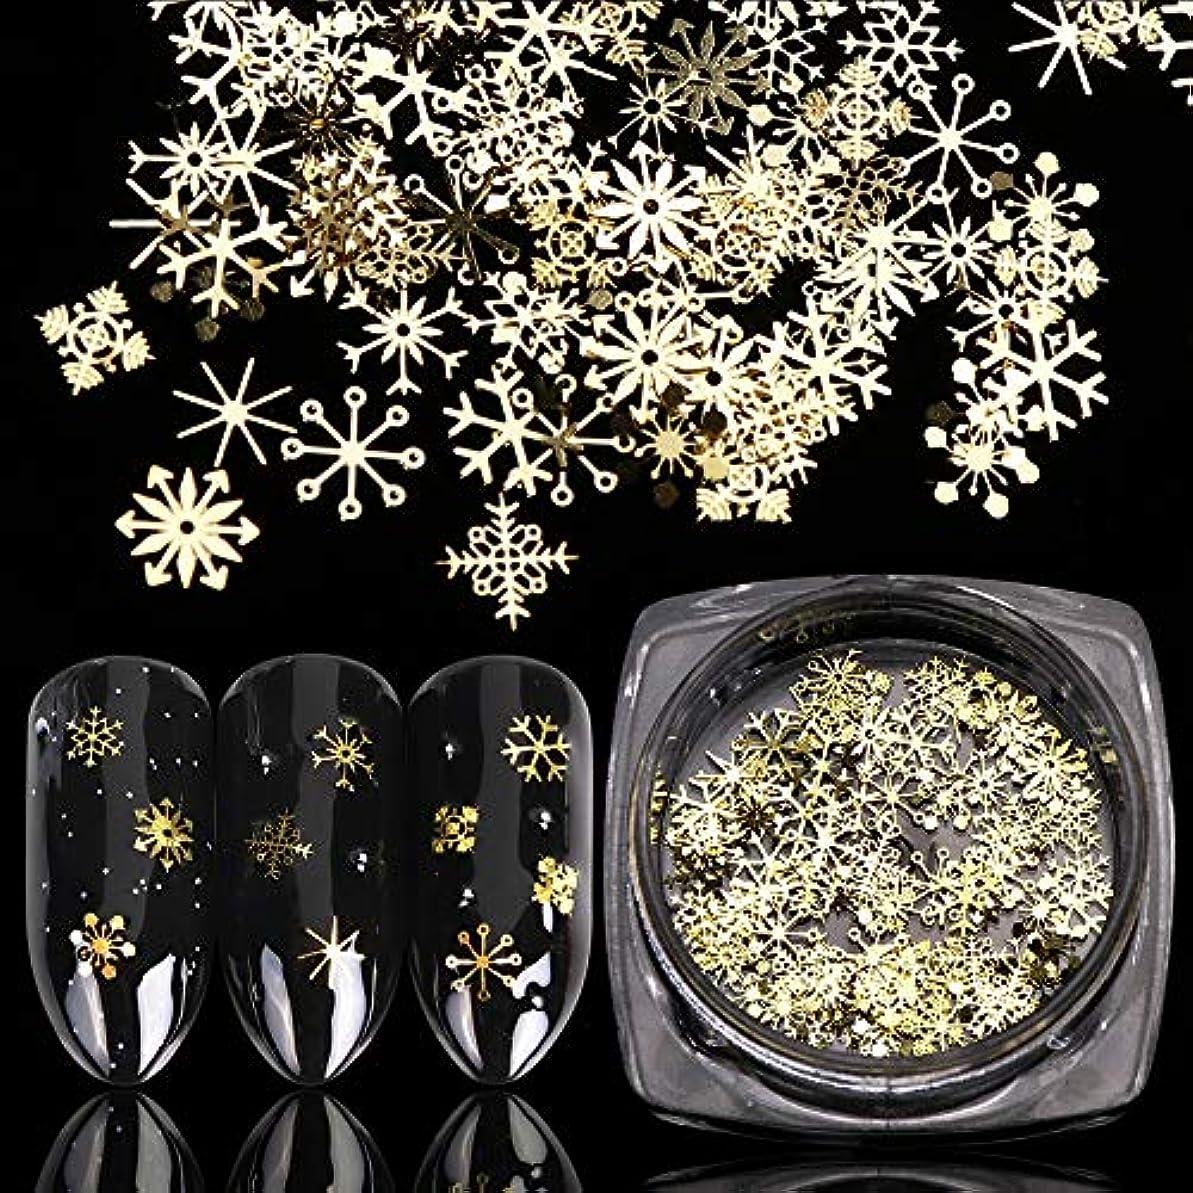 ラベンダーケーキ不公平ネイルアートのためのゴールドネイルグリッタースパンコールスノーフレークミックスデザインデコレーション1本